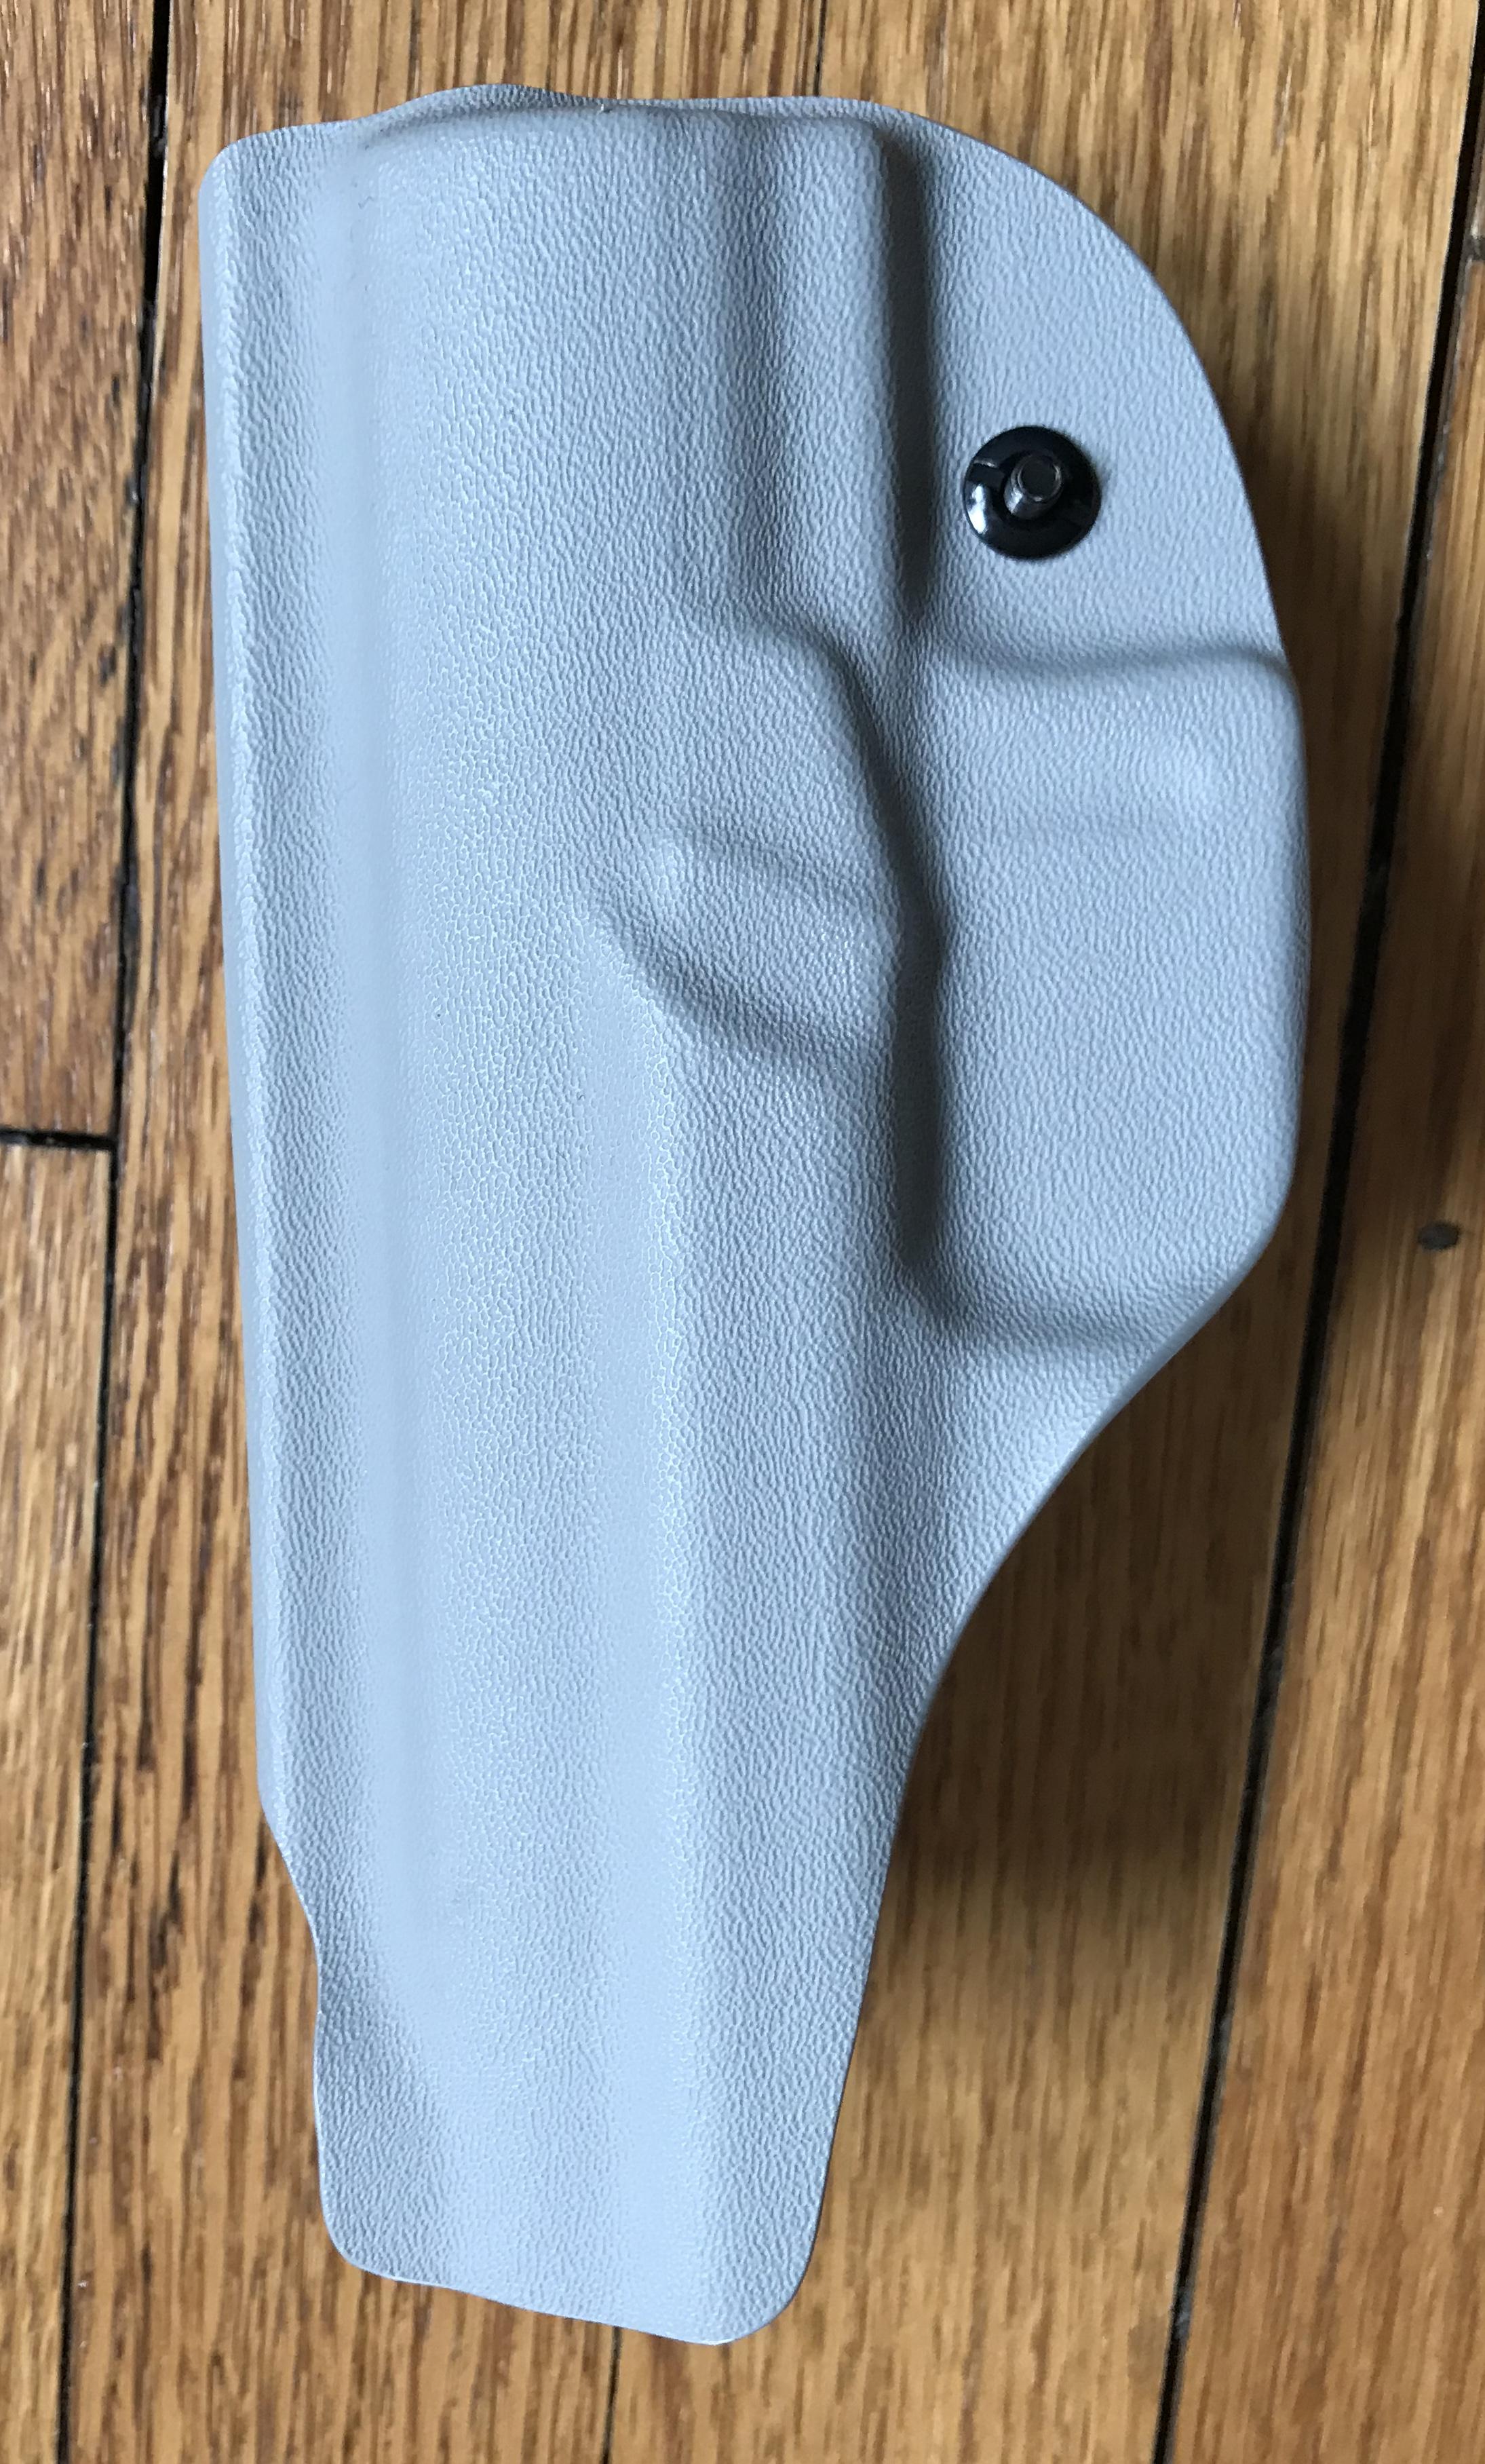 Vedder IWB left hand holster for Walther PPQ SC in light grey-ppq-sc-left-iwb.3.jpg